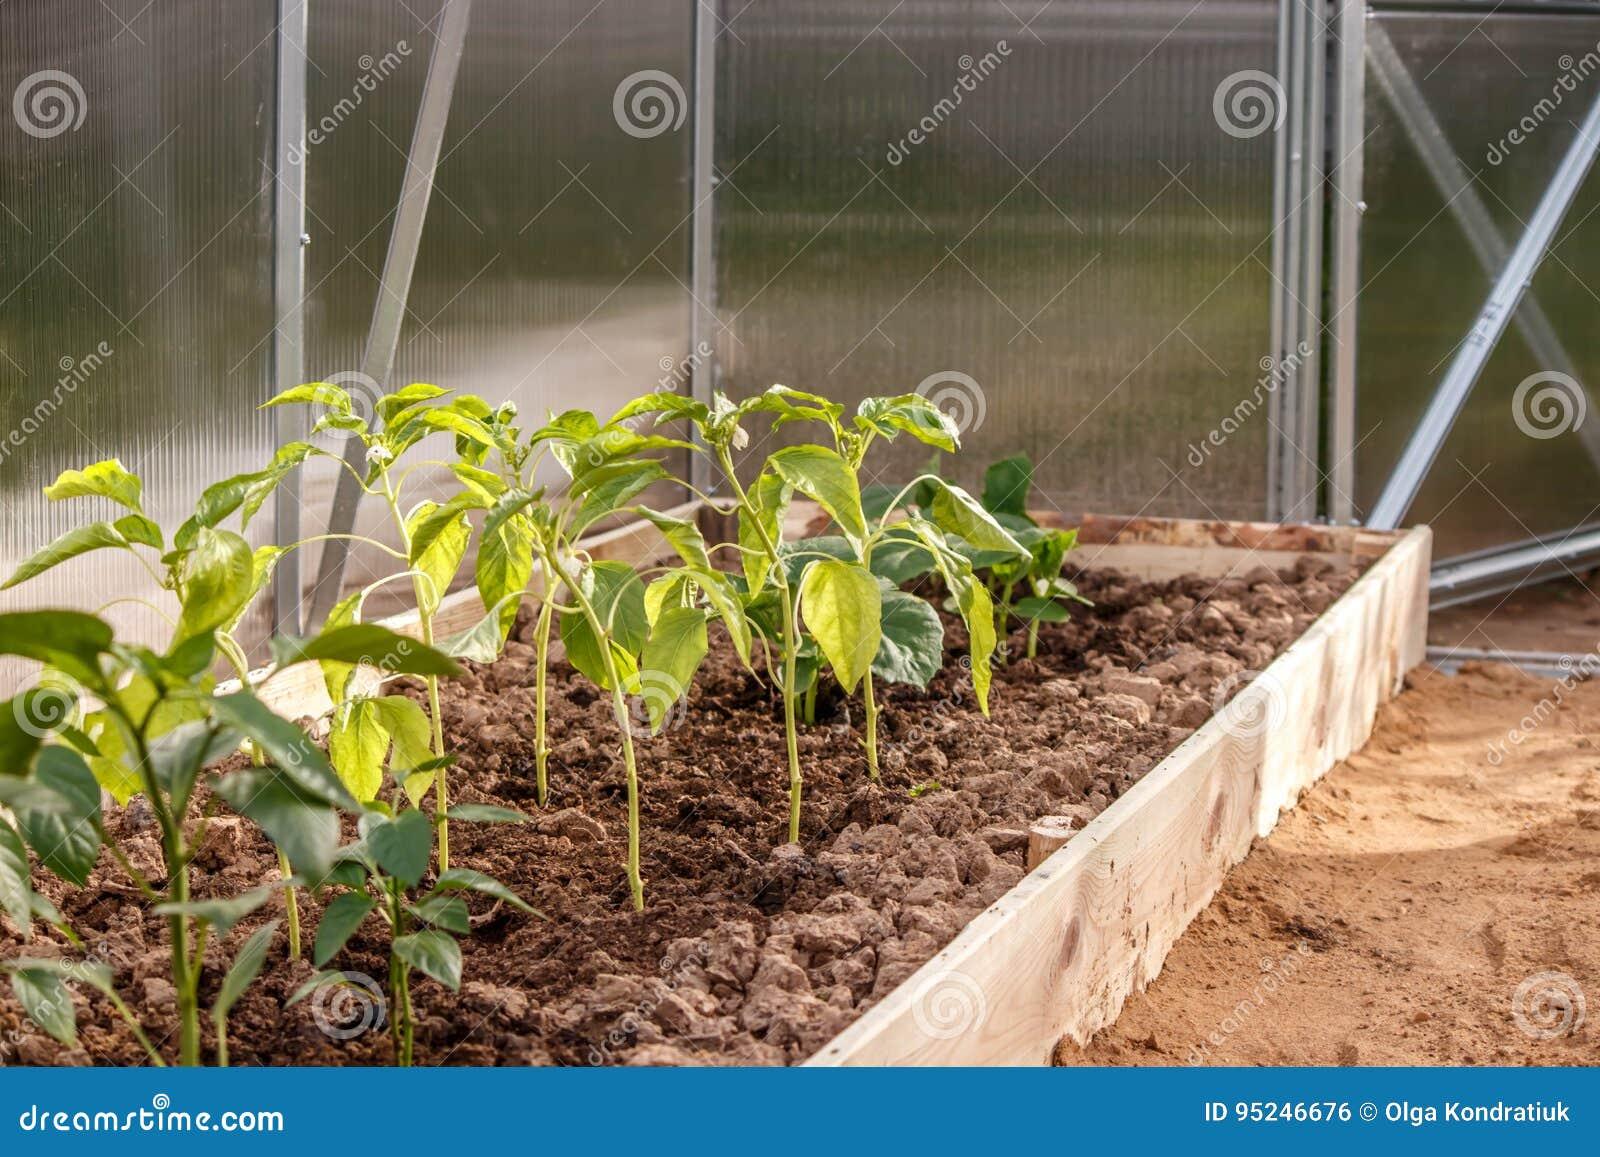 Jeunes jeunes plantes de poivre dans le sol en serre chaude